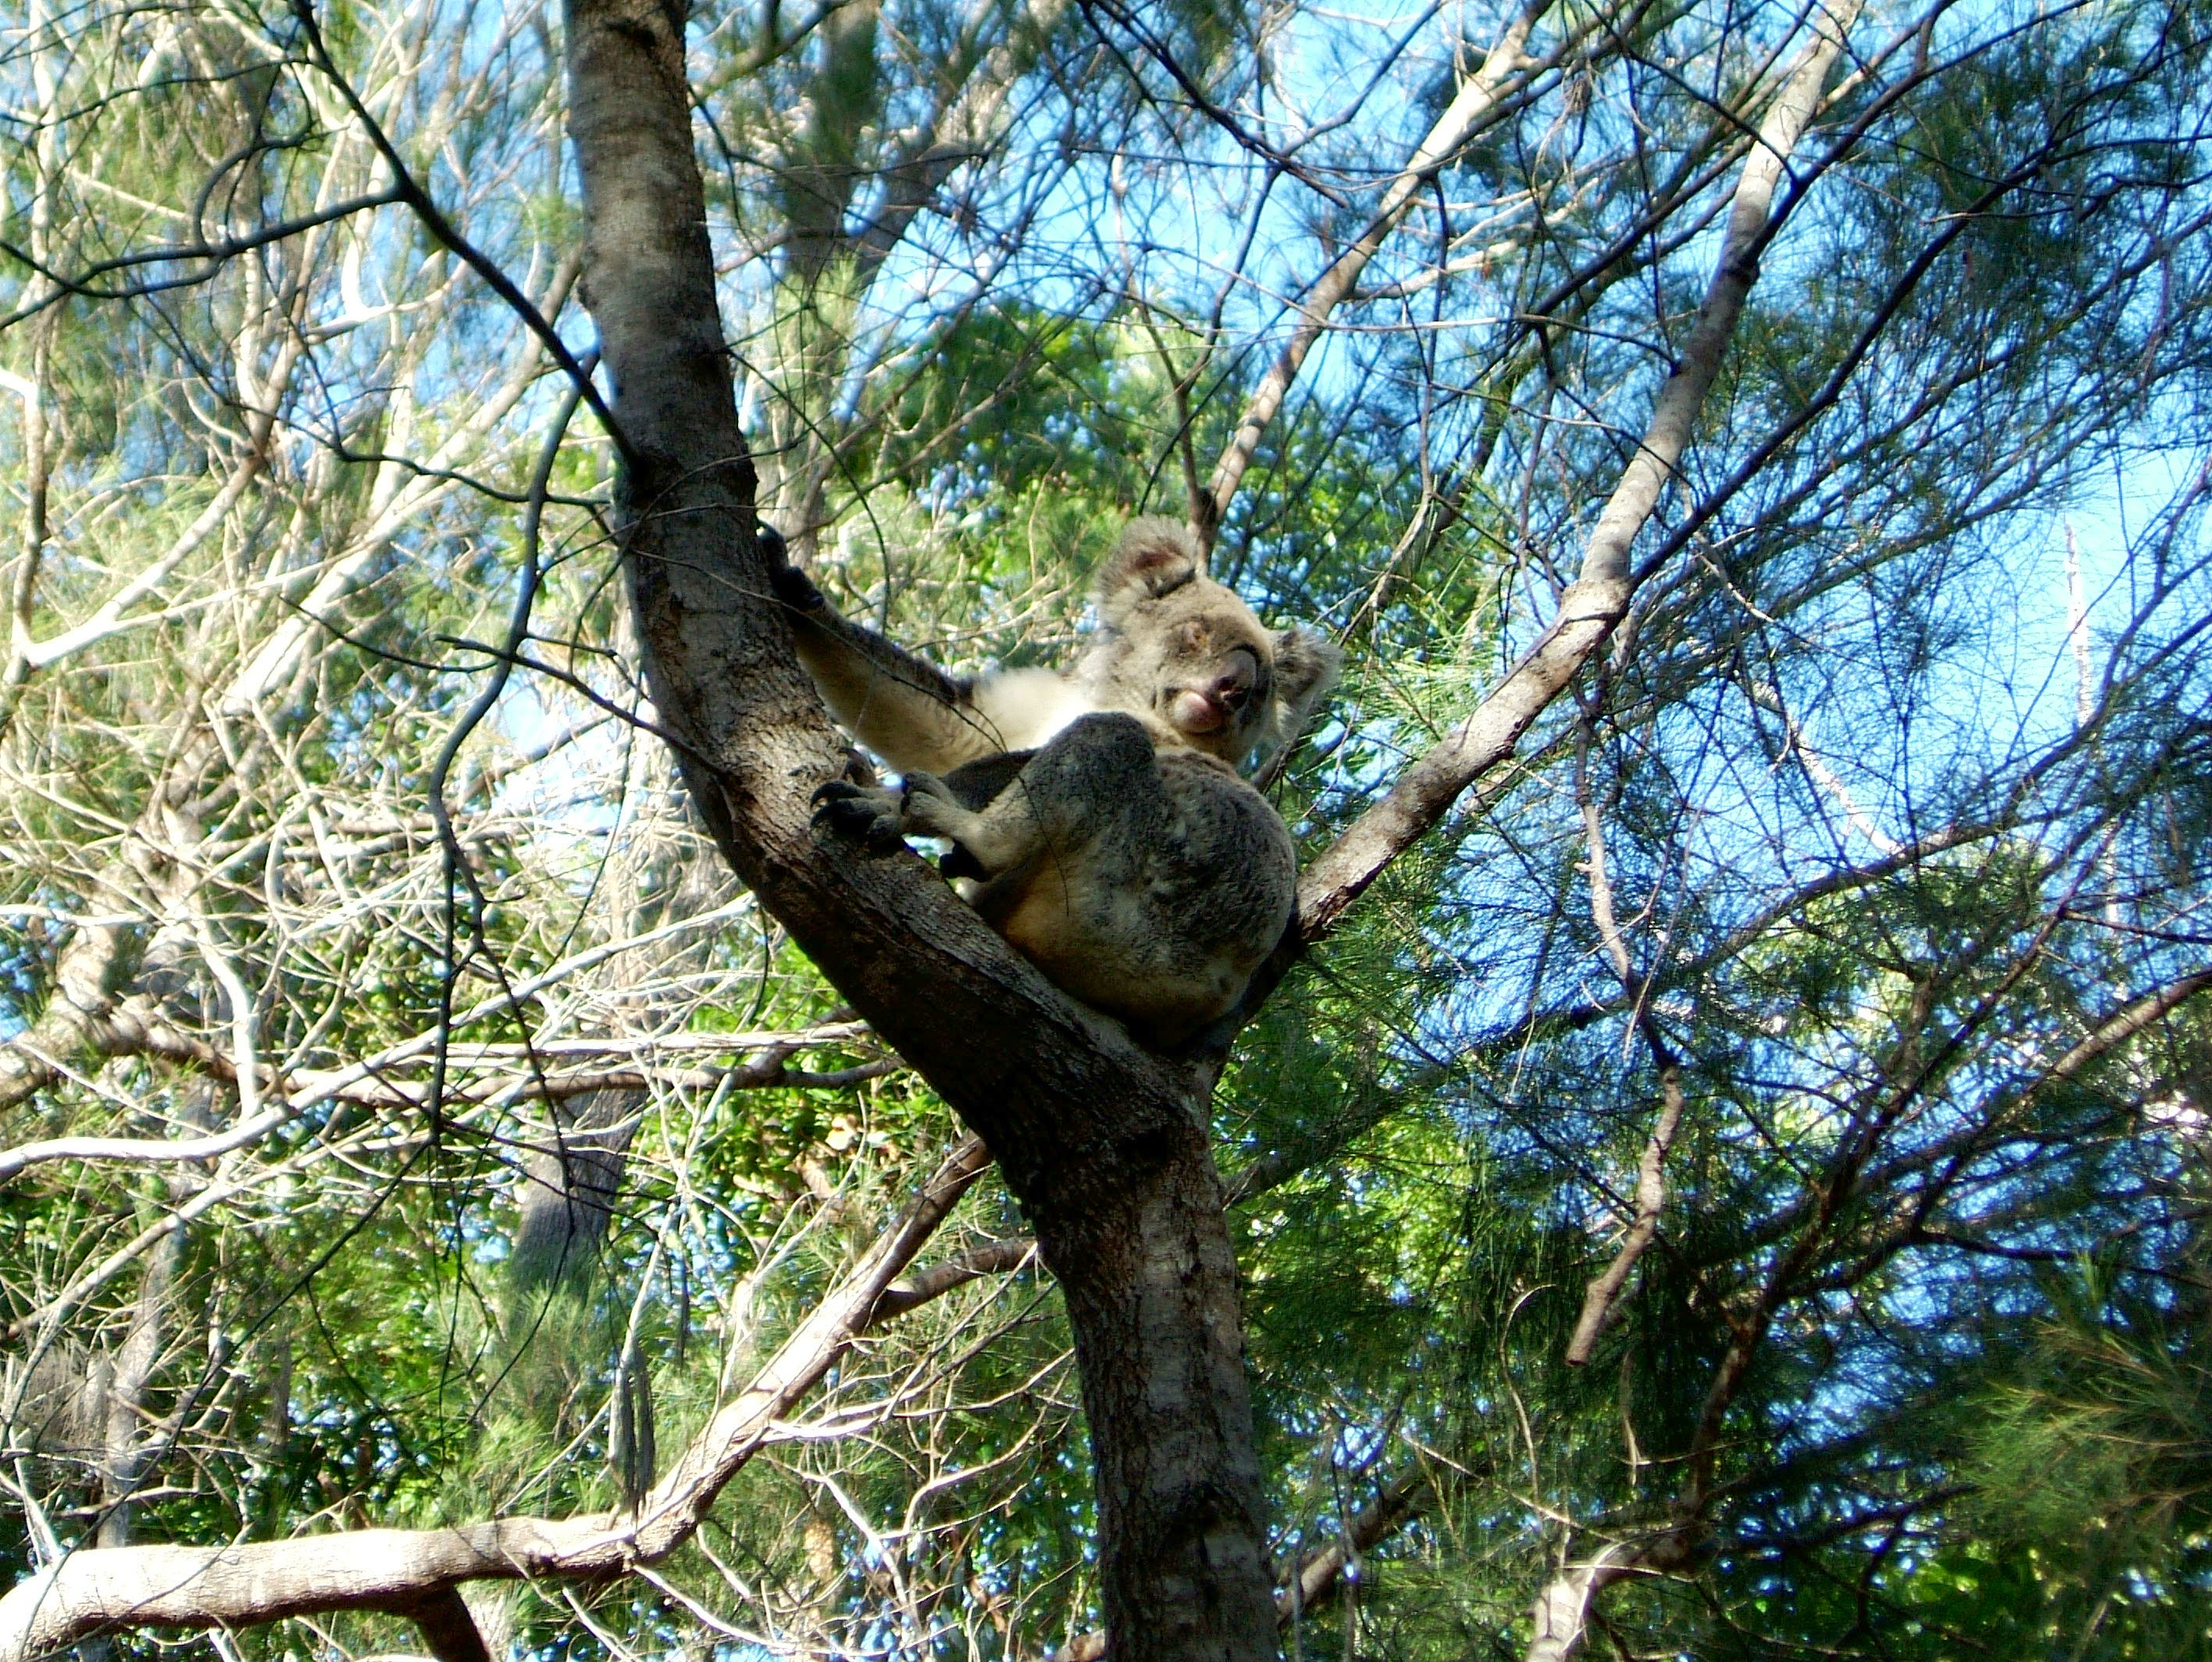 Koala Australia Noosa National Park 02